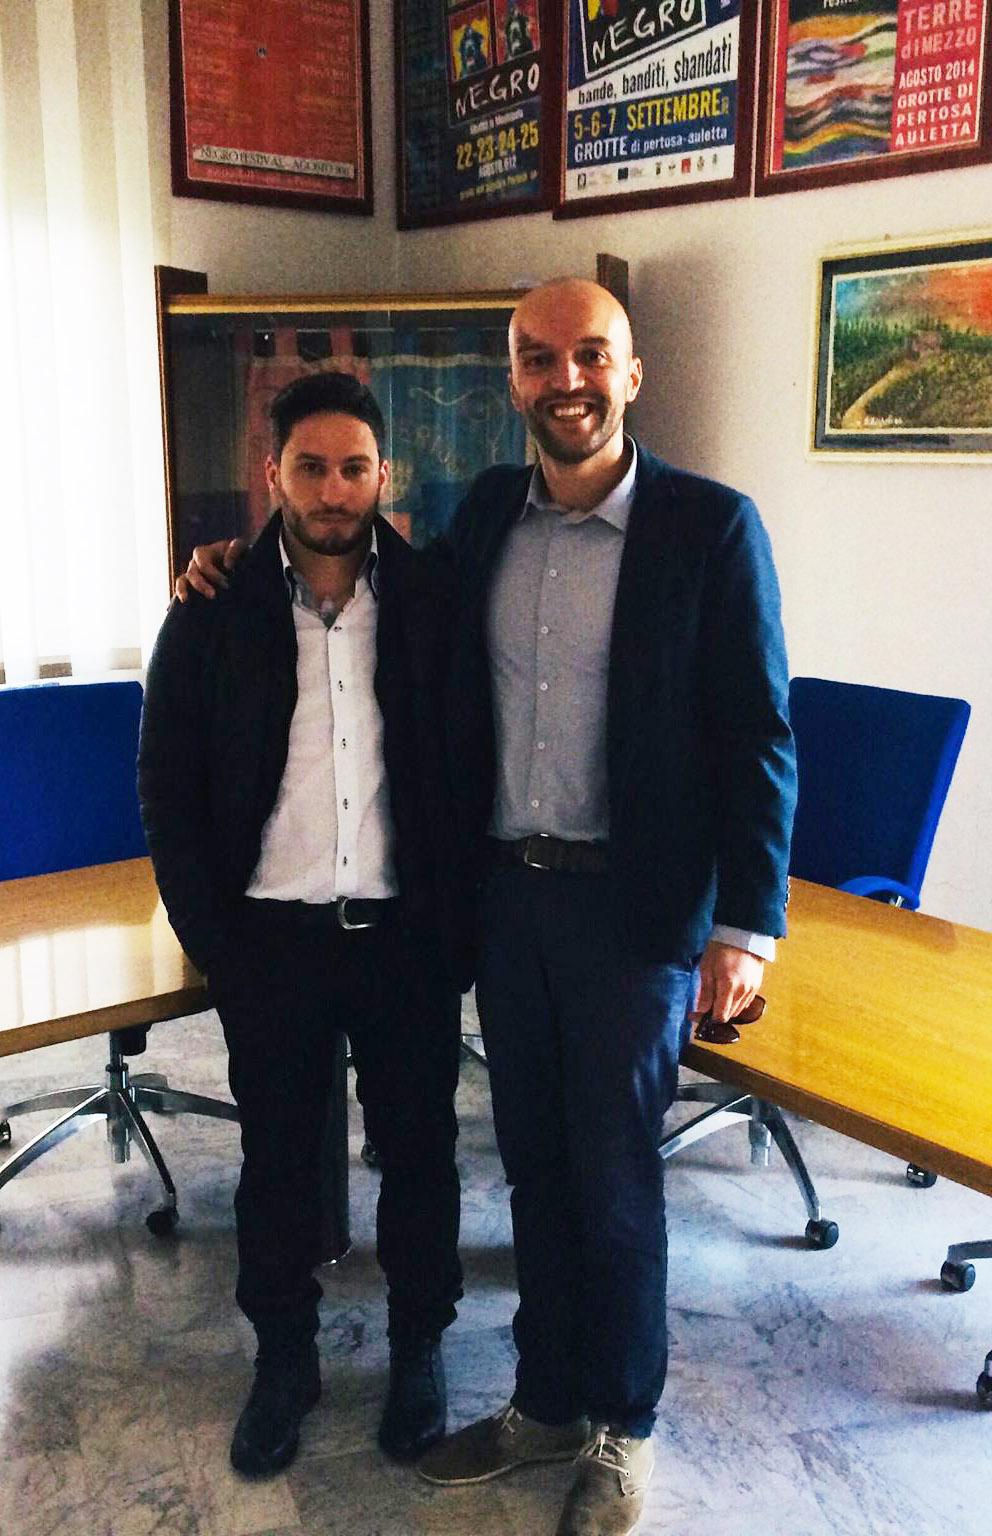 Michele Casella e Vito Panzella Pertosa